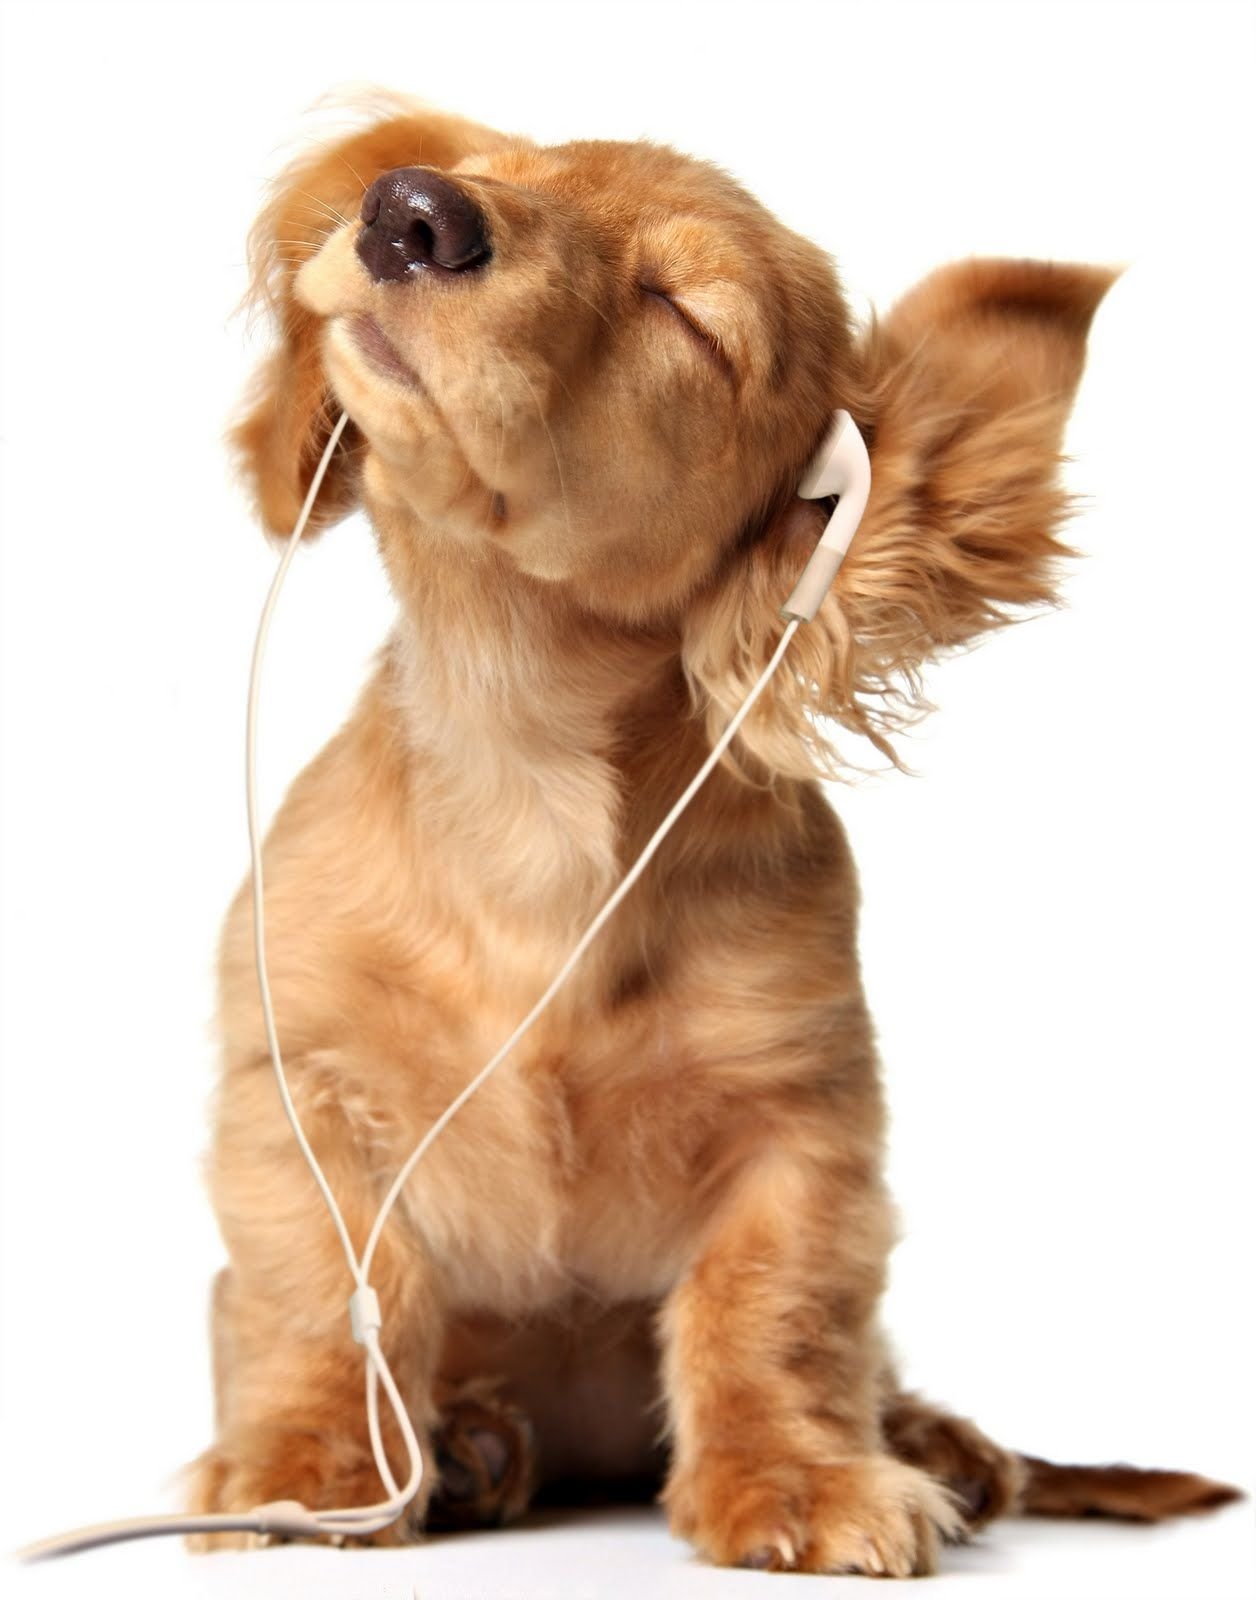 Fotos de perritos cachorros para fondo pantalla perritos for Fondos de pantalla de perritos